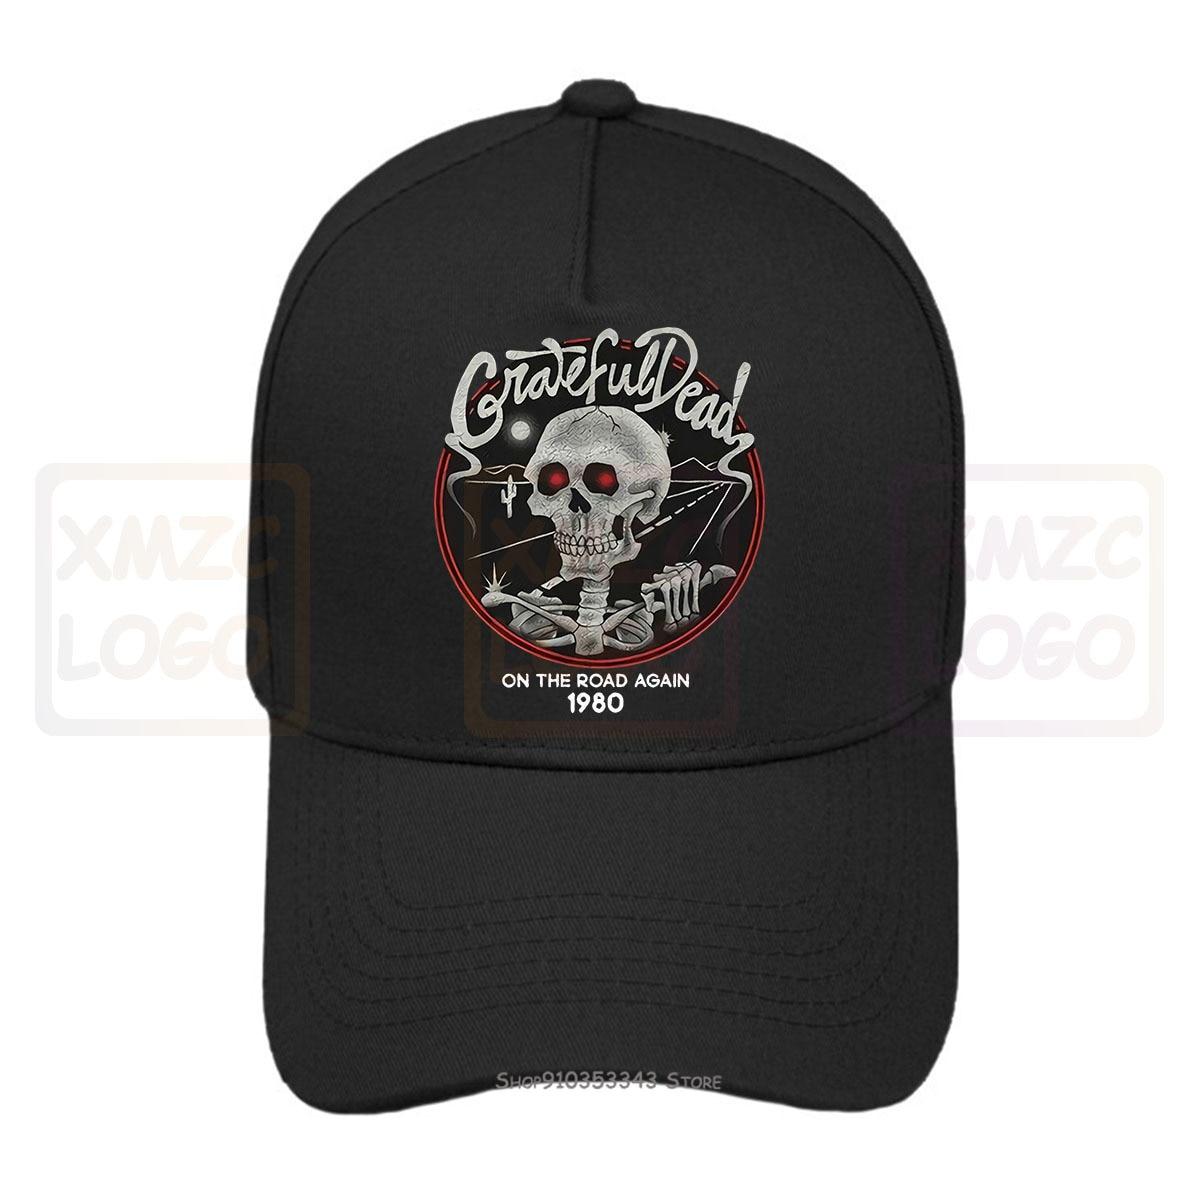 Nueva gorra de béisbol Grateful Dead en el mapa de nuevo 1980 gorra de béisbol sombreros mujeres hombres